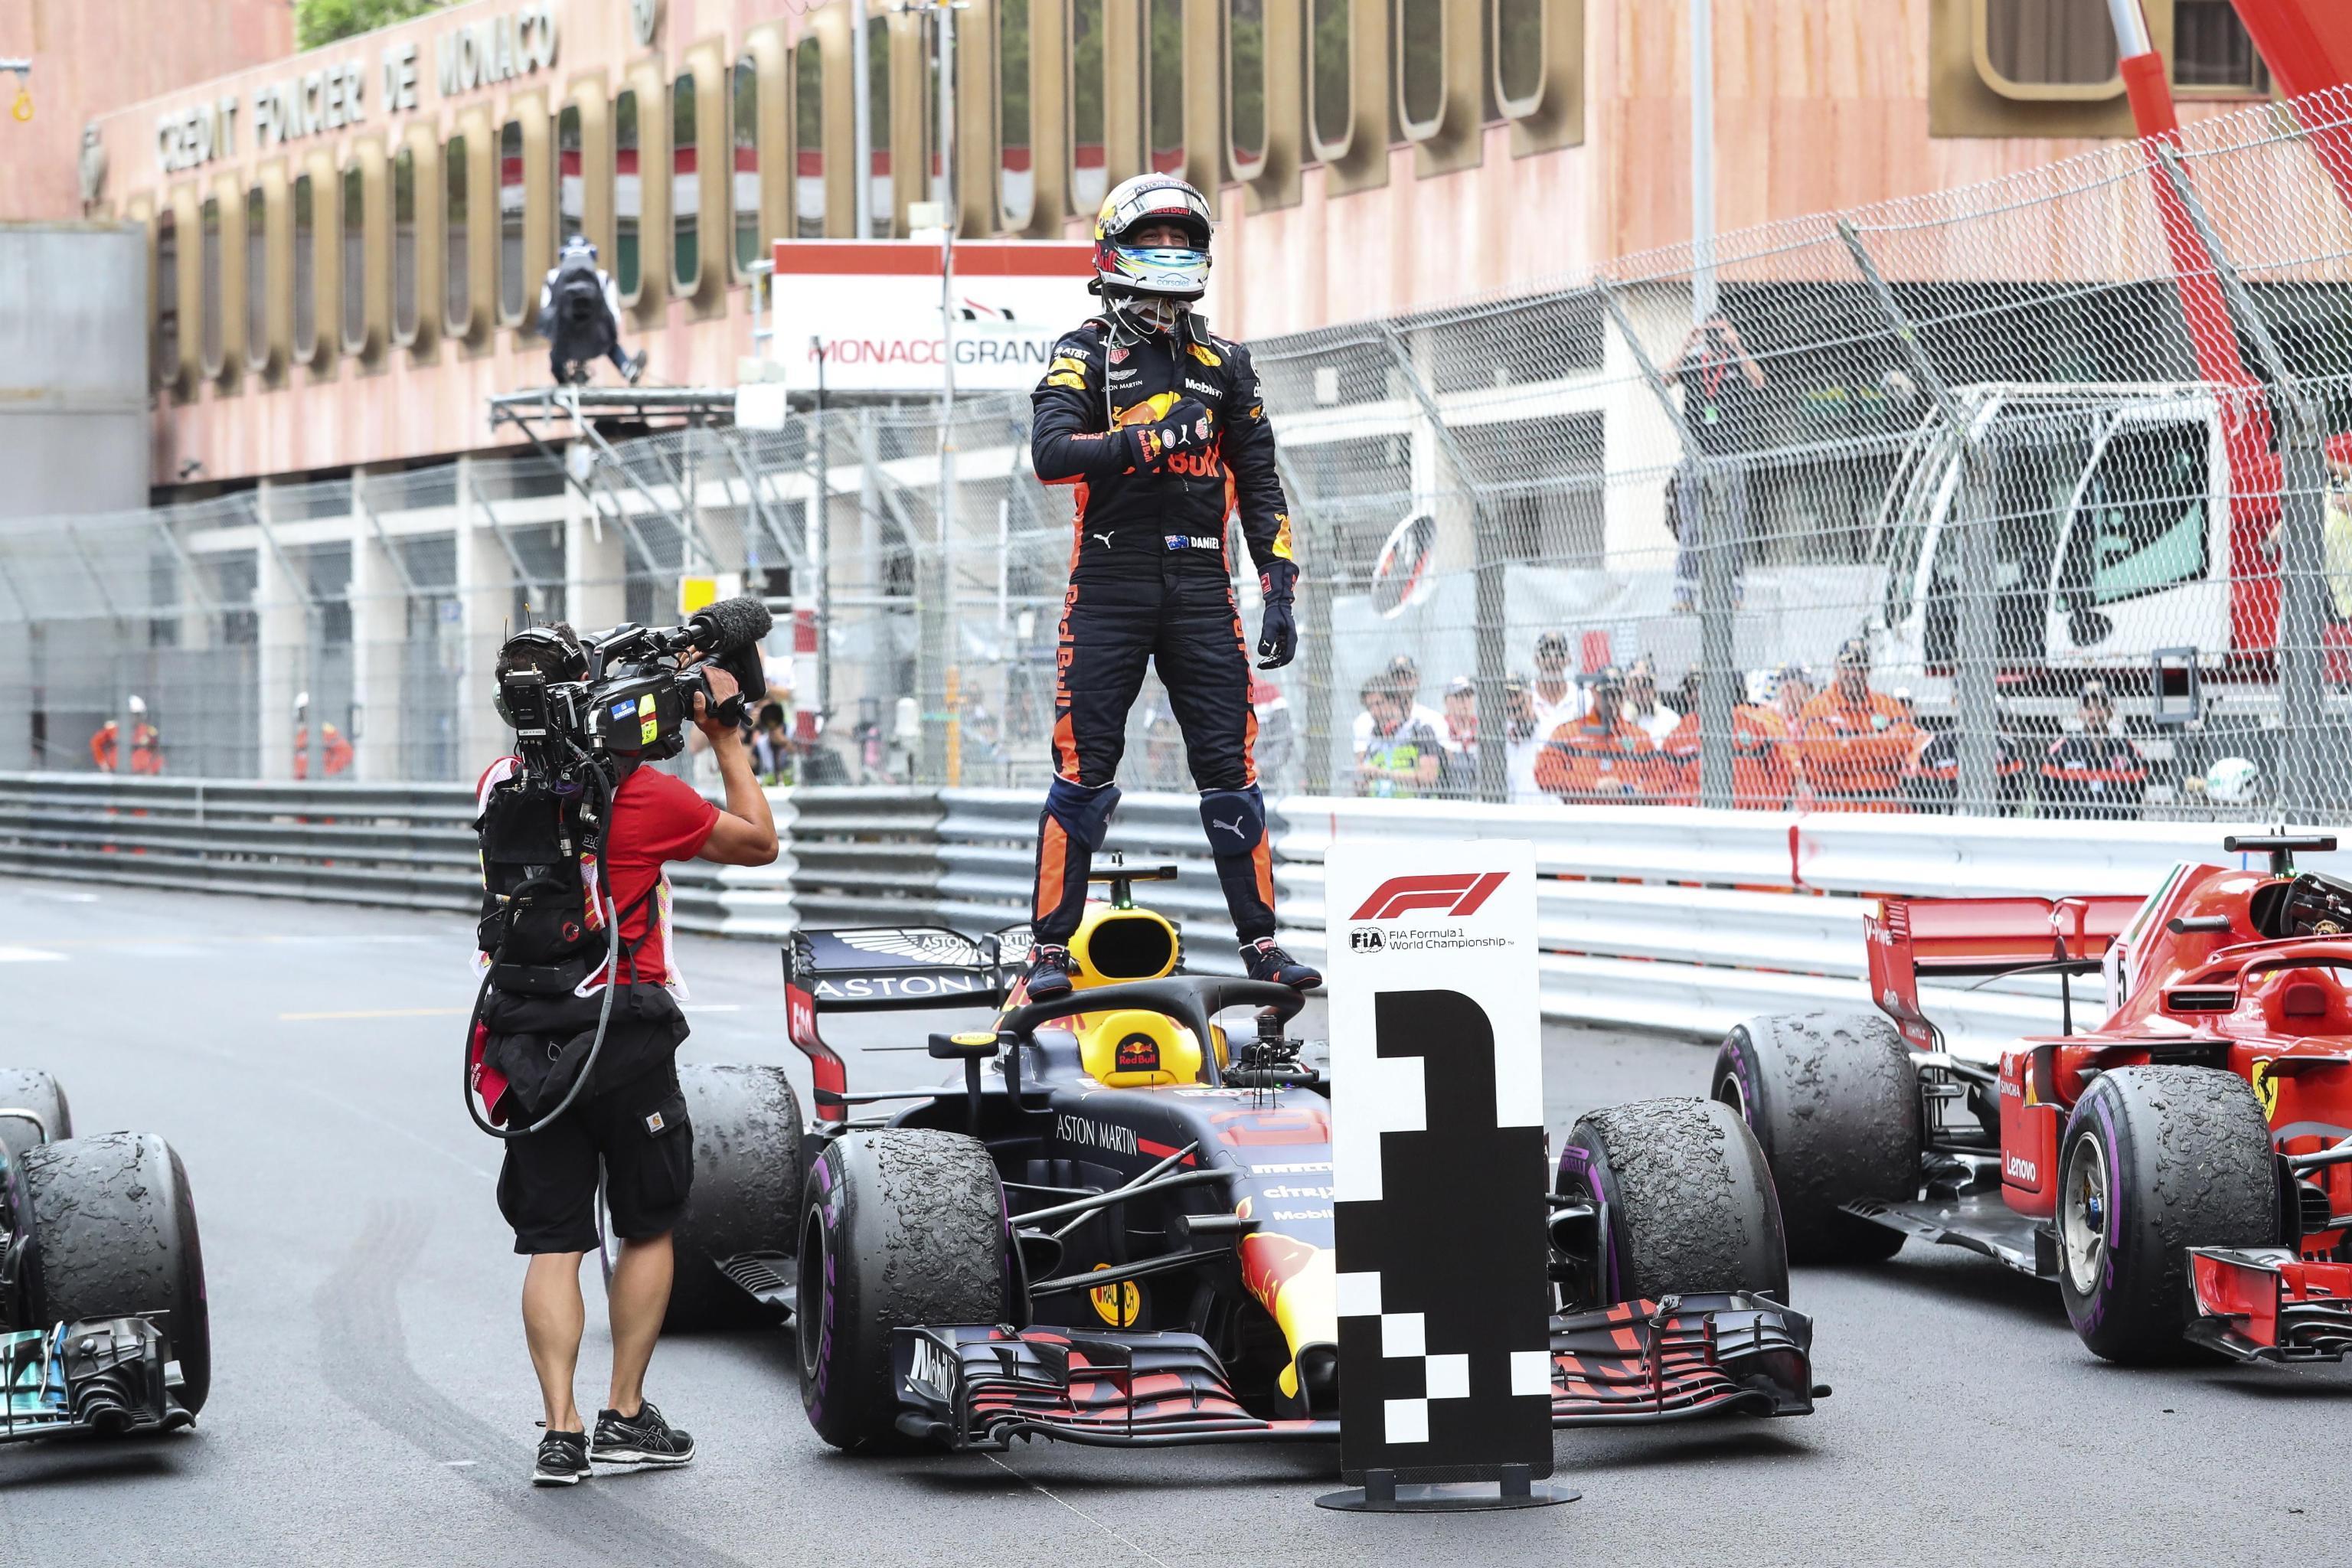 F1, Ricciardo batte tutto e tutti a Monaco